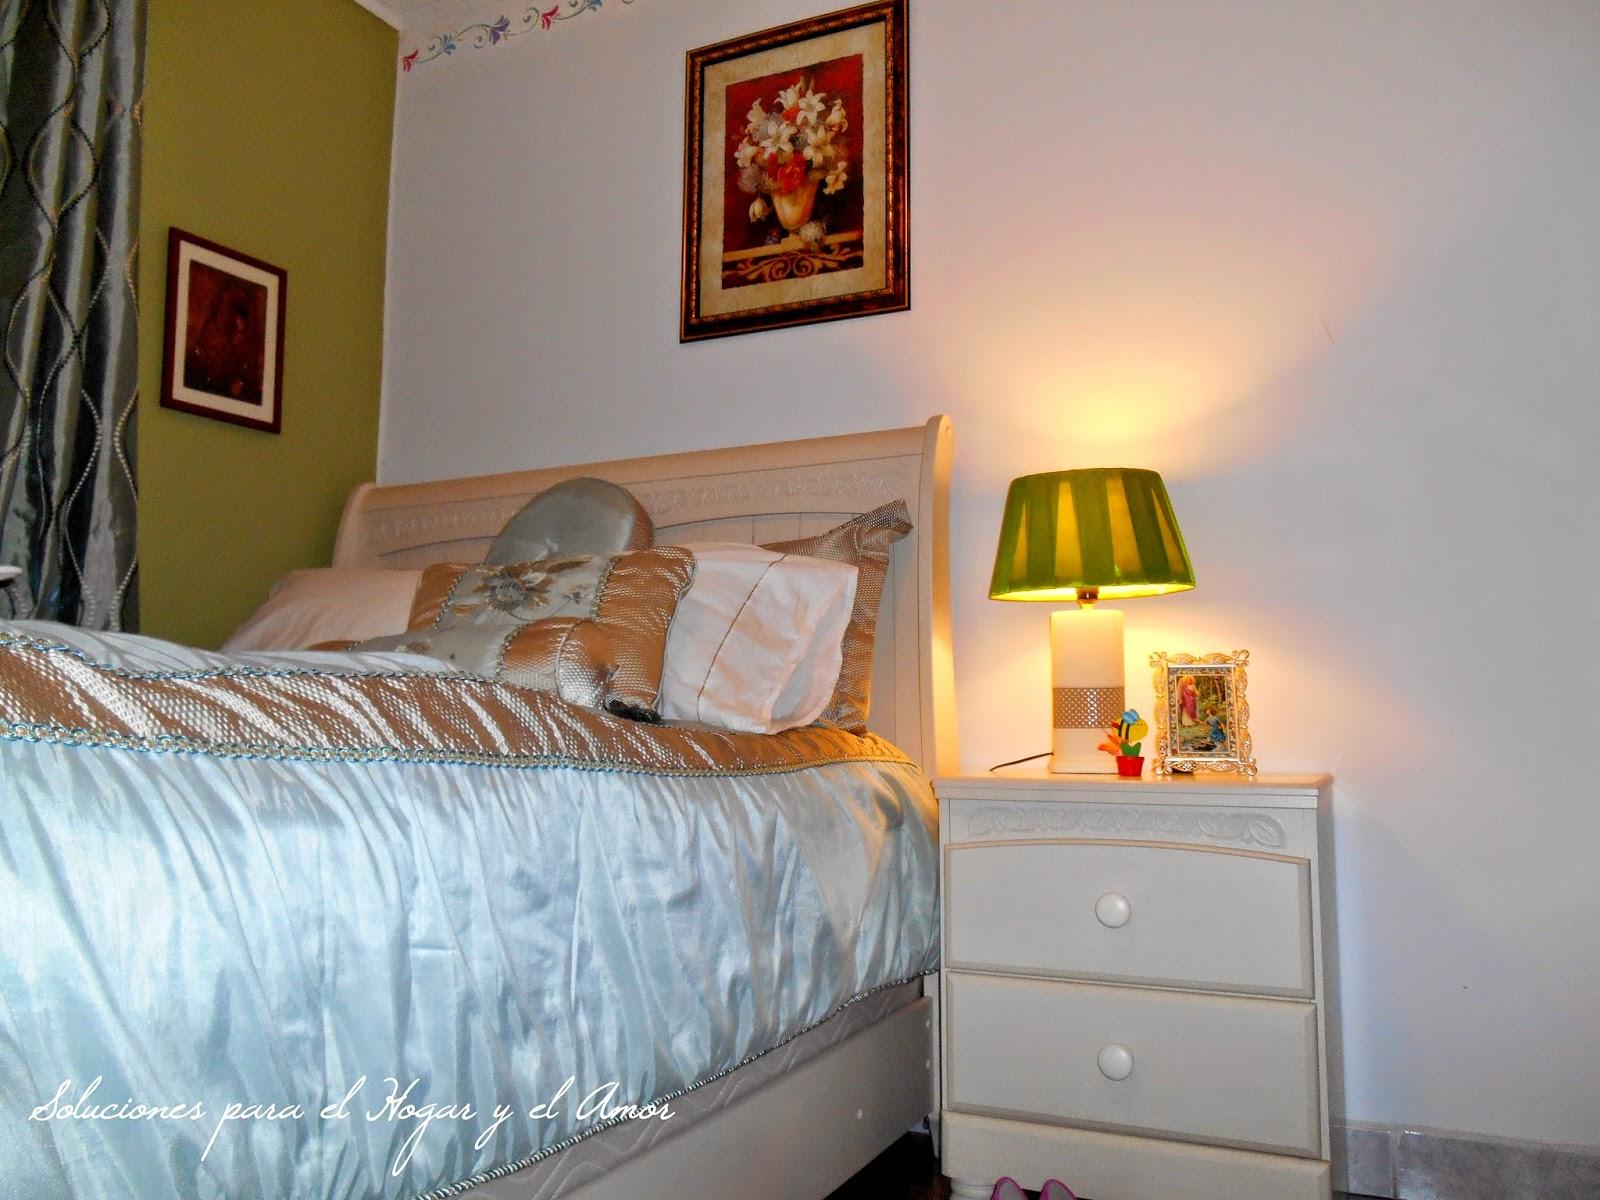 arreglar o tunear pantalla de lámpara de mesa de noche, decoración de interiores, lámpara de mesa de noche